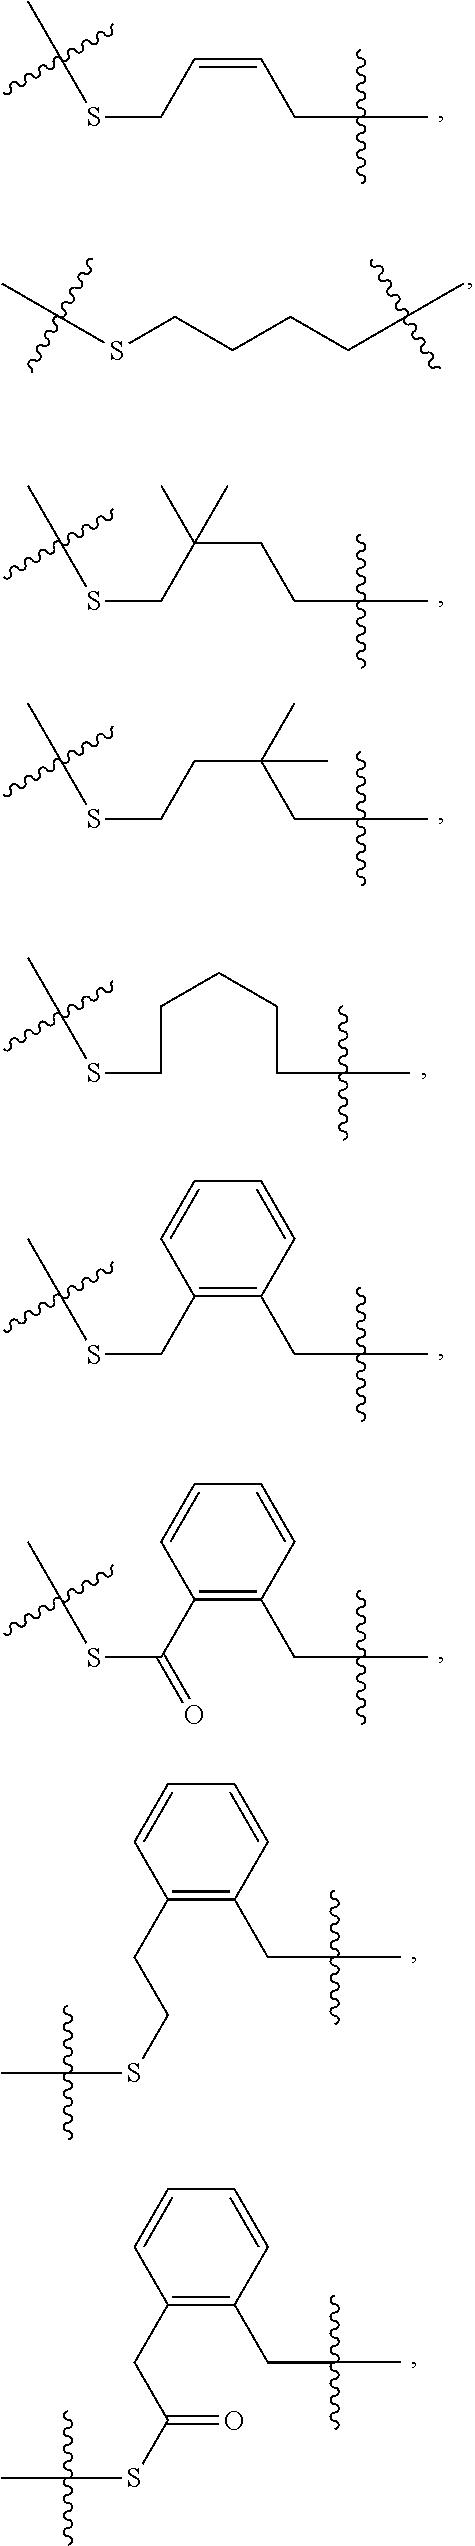 Figure US10160969-20181225-C00026